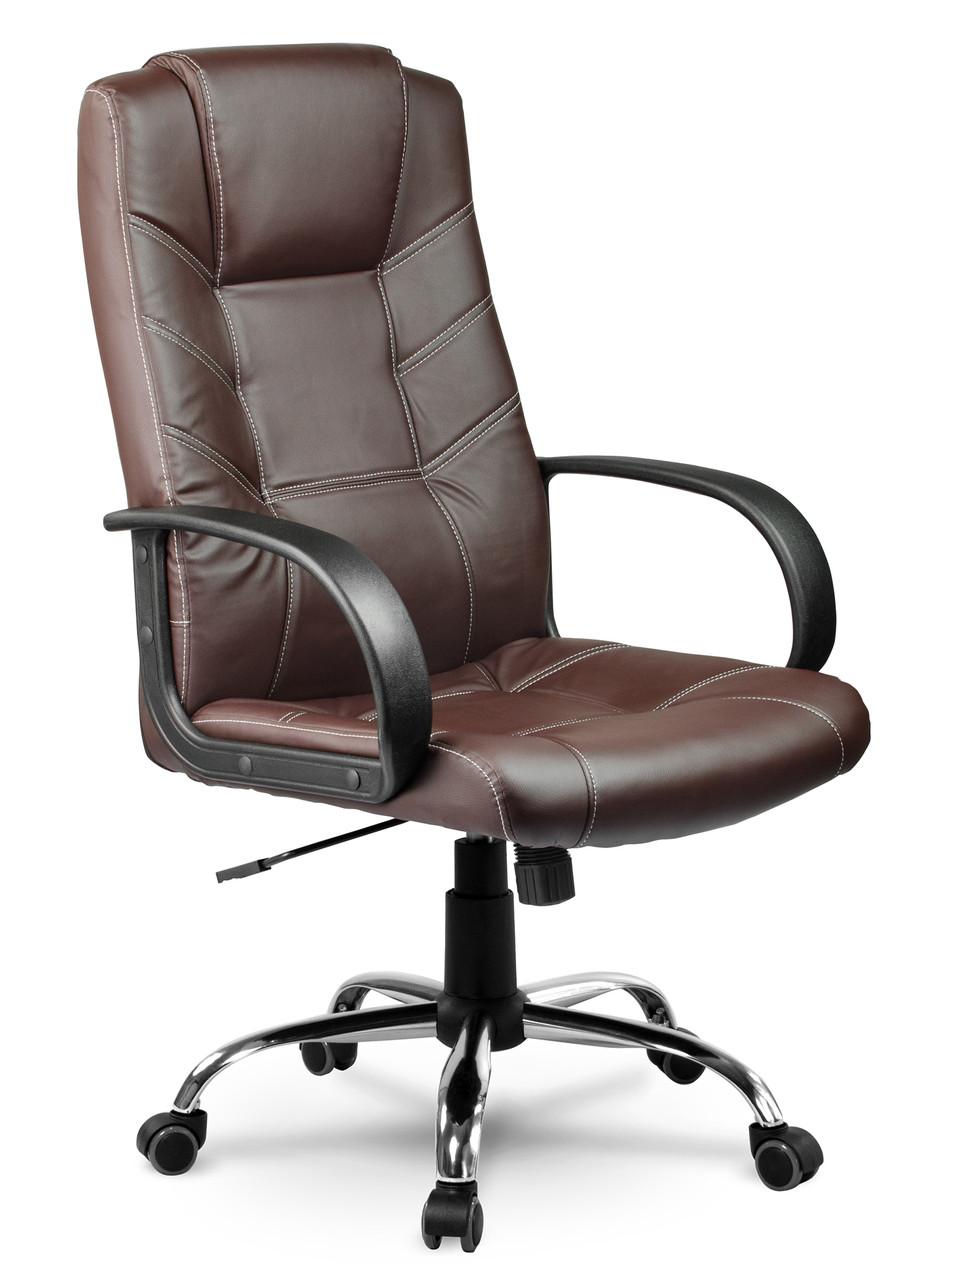 Кресло стул офисный кожаный Sofotel EG-221 коричневый